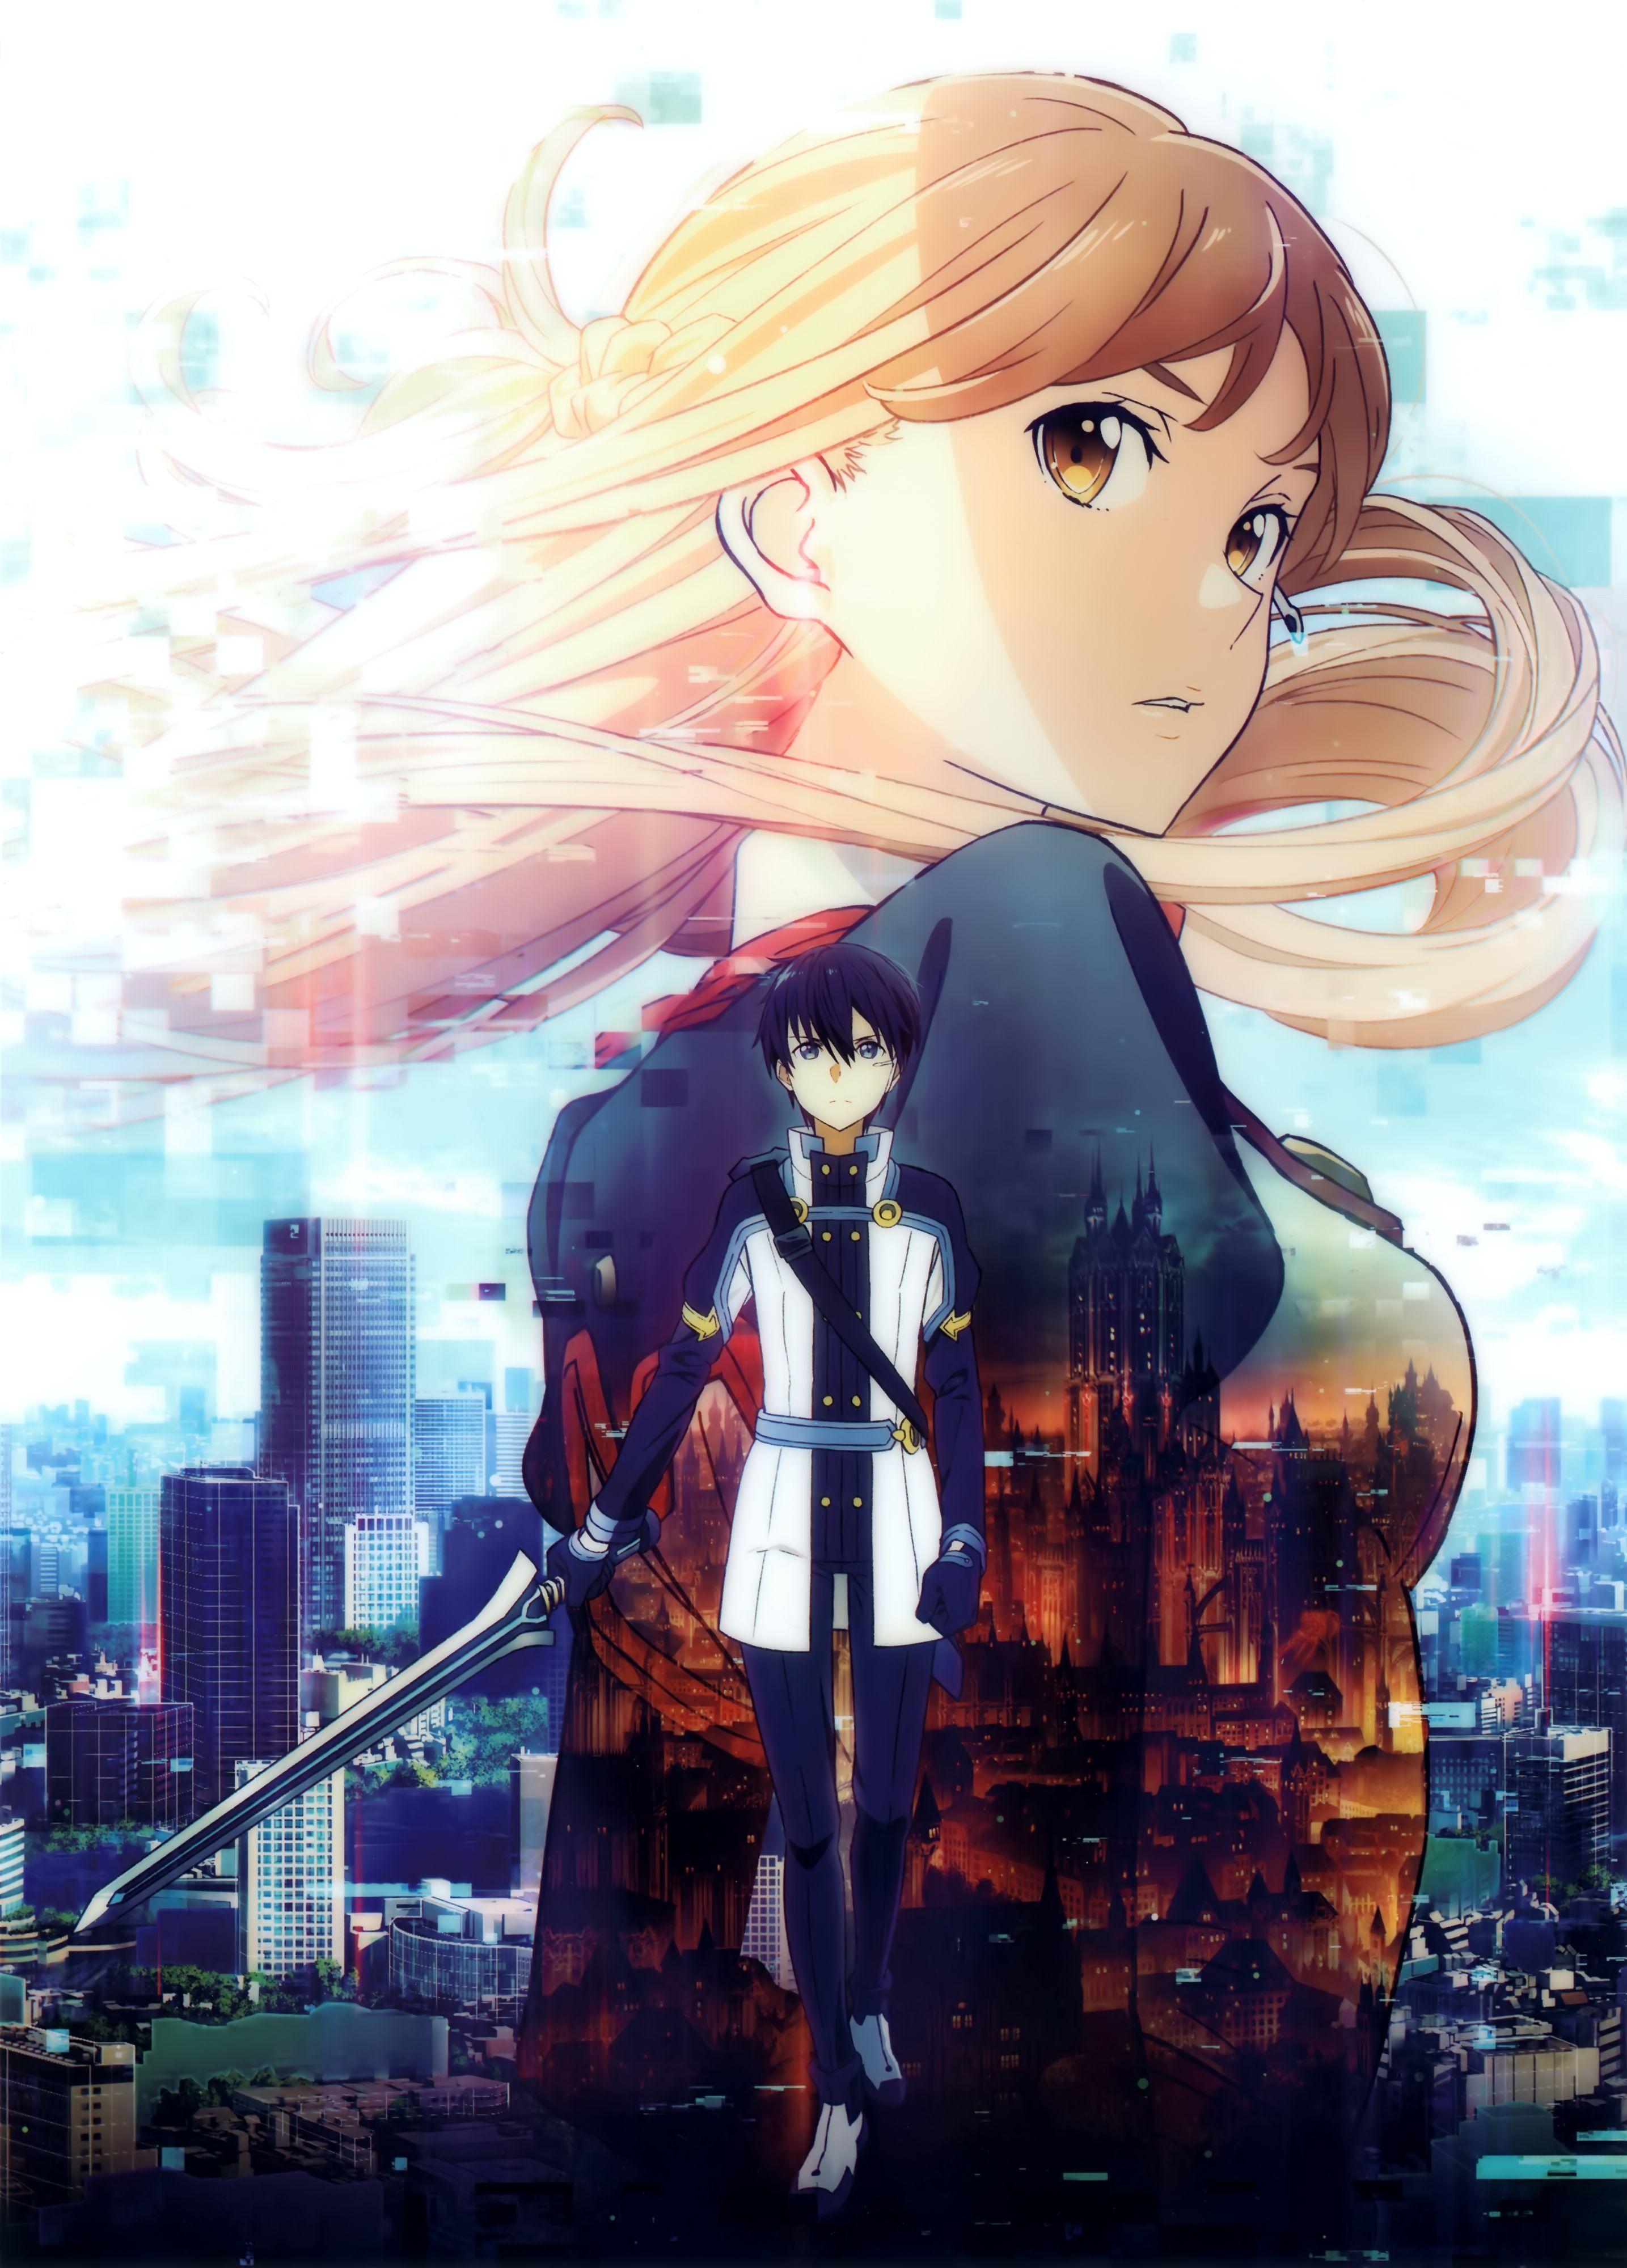 Tags: Scan, Sword Art Online, Yuuki Asuna, Official Art, A-1 ...